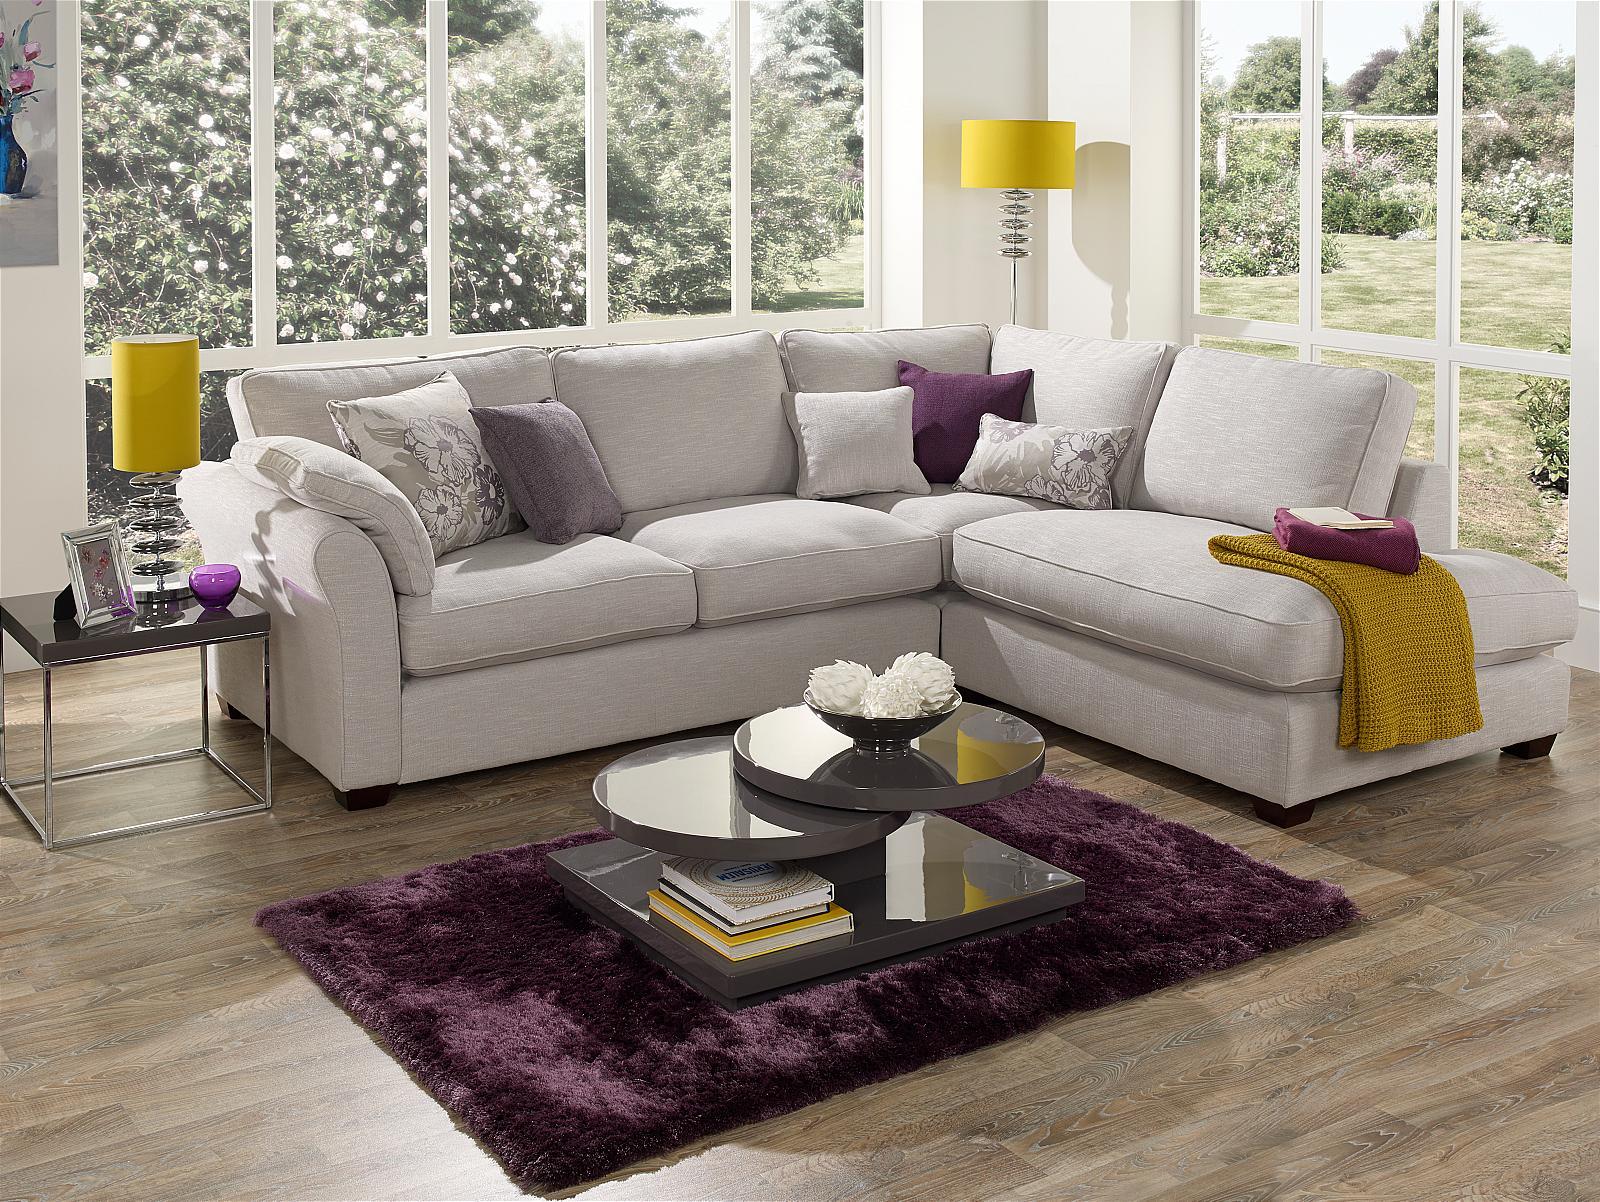 Vale Furnishers Lawson Sofa Range